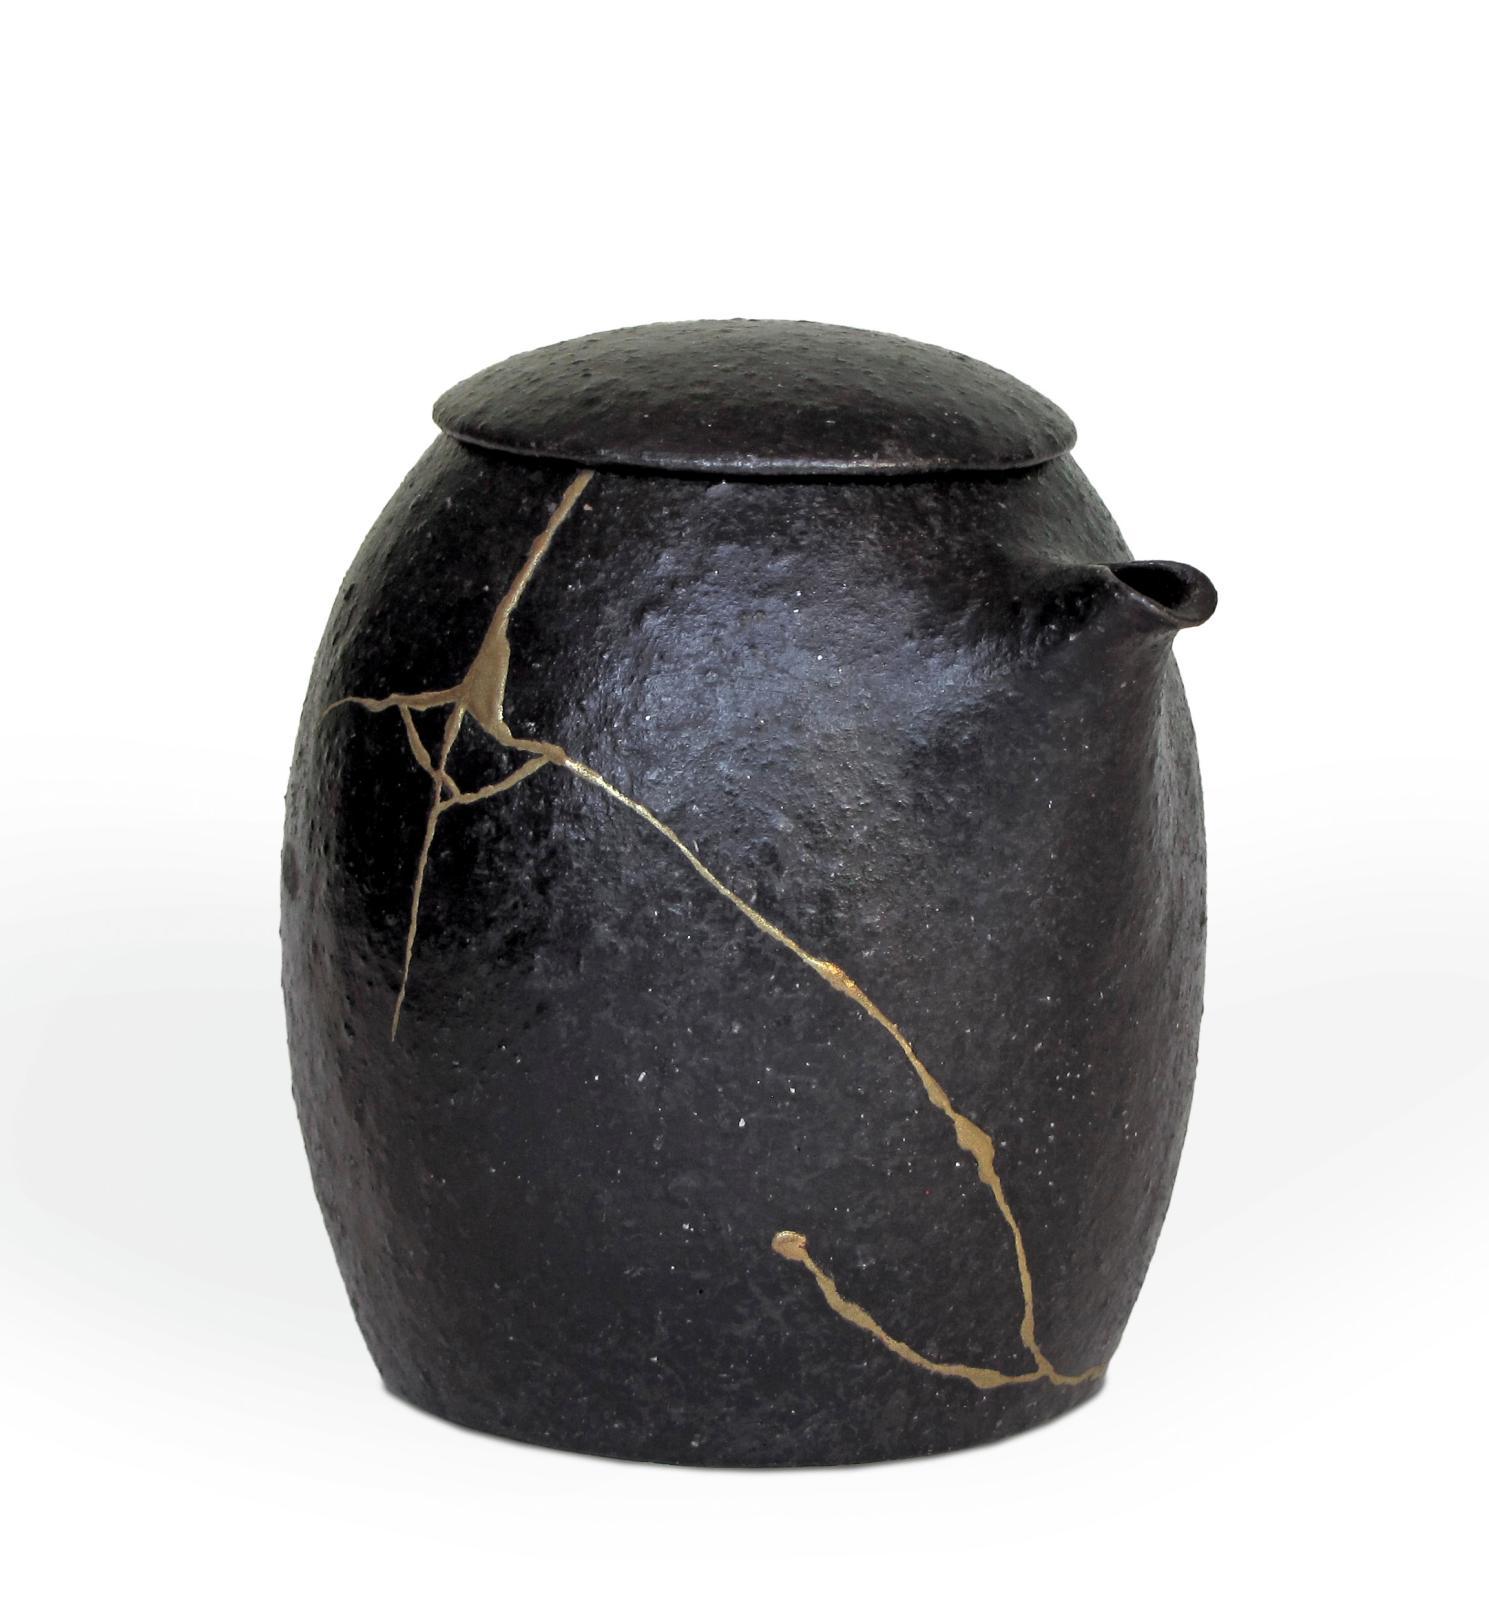 Kintsugi à l'urushi et poudre d'or sur une théière de Laetitia Pineda, pièce réutilisable, collection particulière.